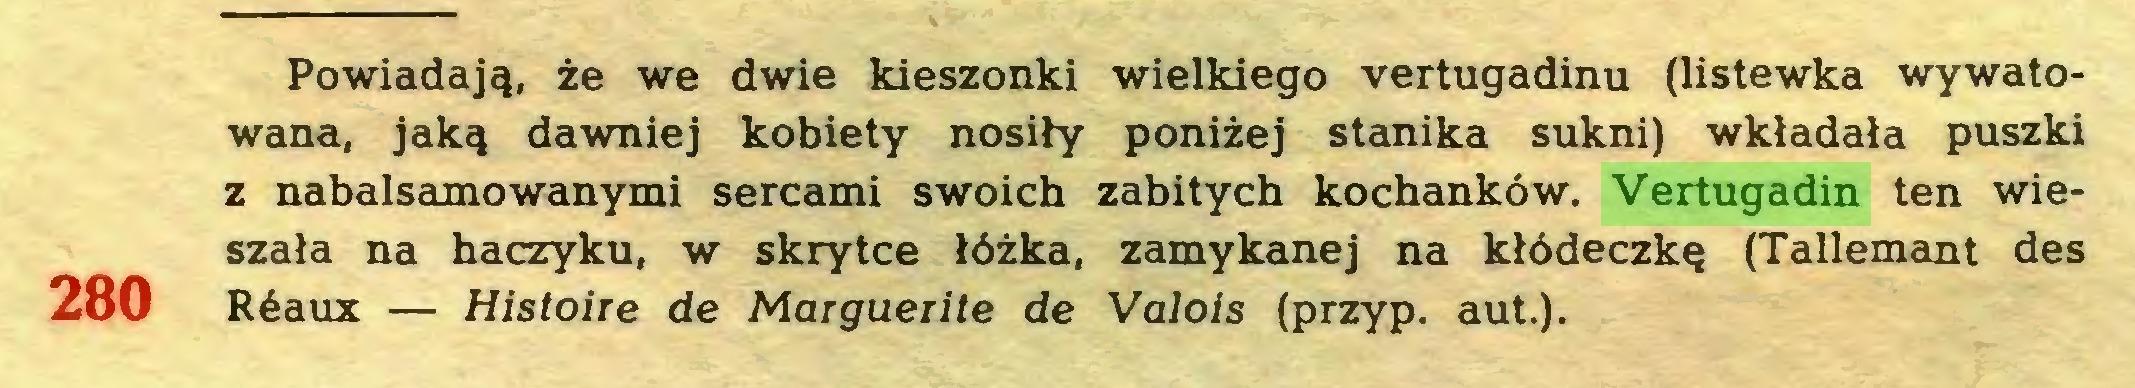 (...) Powiadają, że we dwie kieszonki wielkiego vertugadinu (listewka wywatowana, jaką dawniej kobiety nosiły poniżej stanika sukni) wkładała puszki z nabalsamowanymi sercami swoich zabitych kochanków. Vertugadin ten wieszała na haczyku, w skrytce łóżka, zamykanej na kłódeczkę (Tallemant des 280 Réaux — Histoire de Marguerite de Valois (przyp. aut.)...